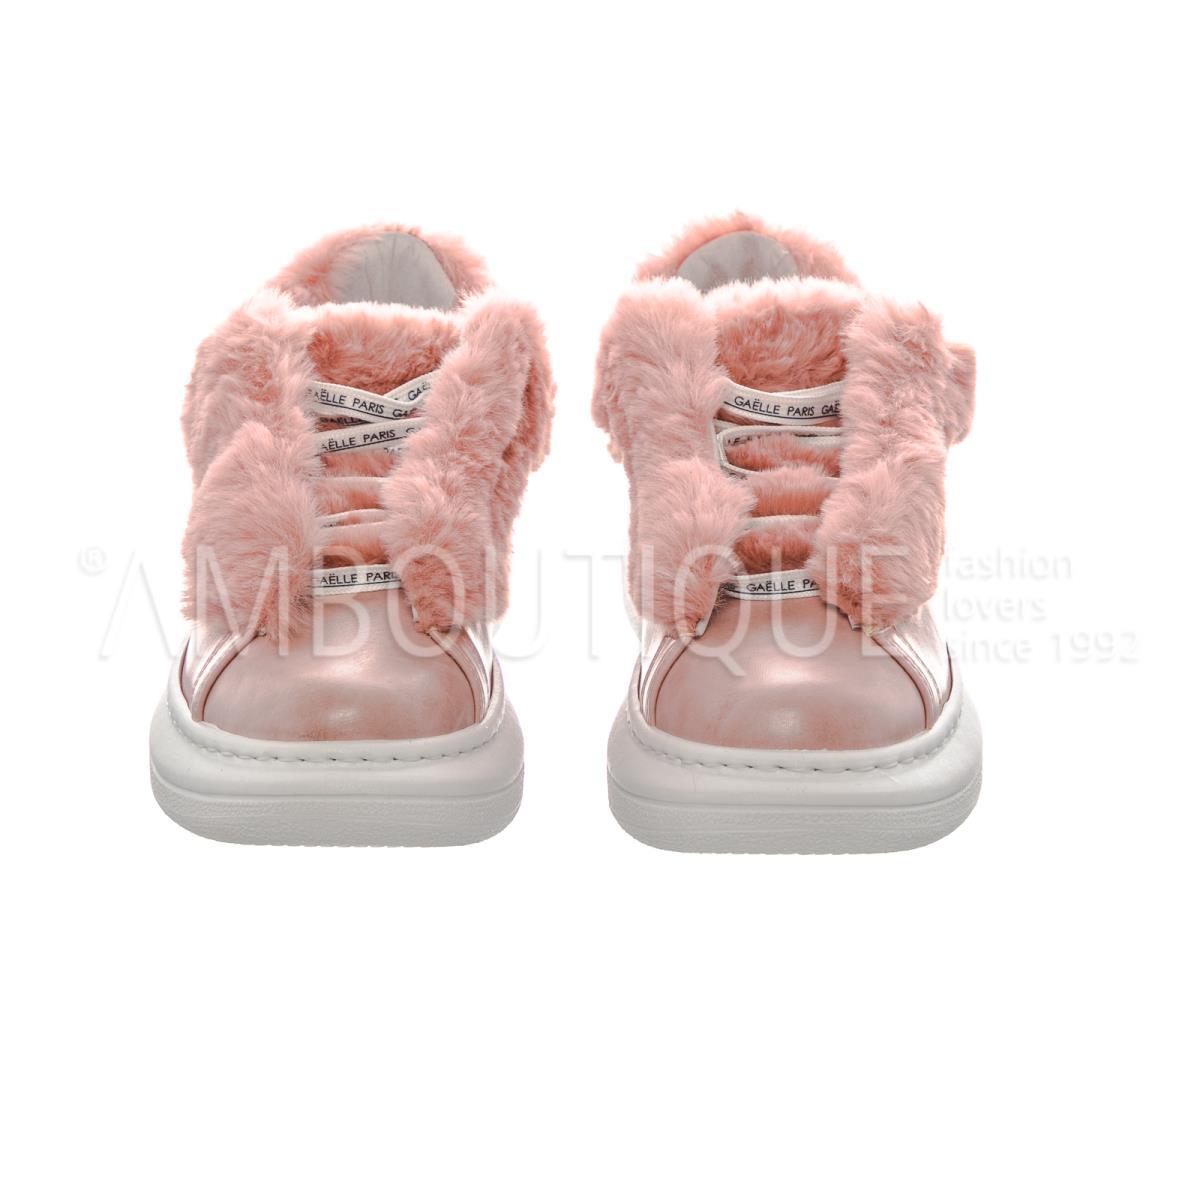 brillantezza del colore vera qualità professionale più votato Gaelle Paris Sneakers